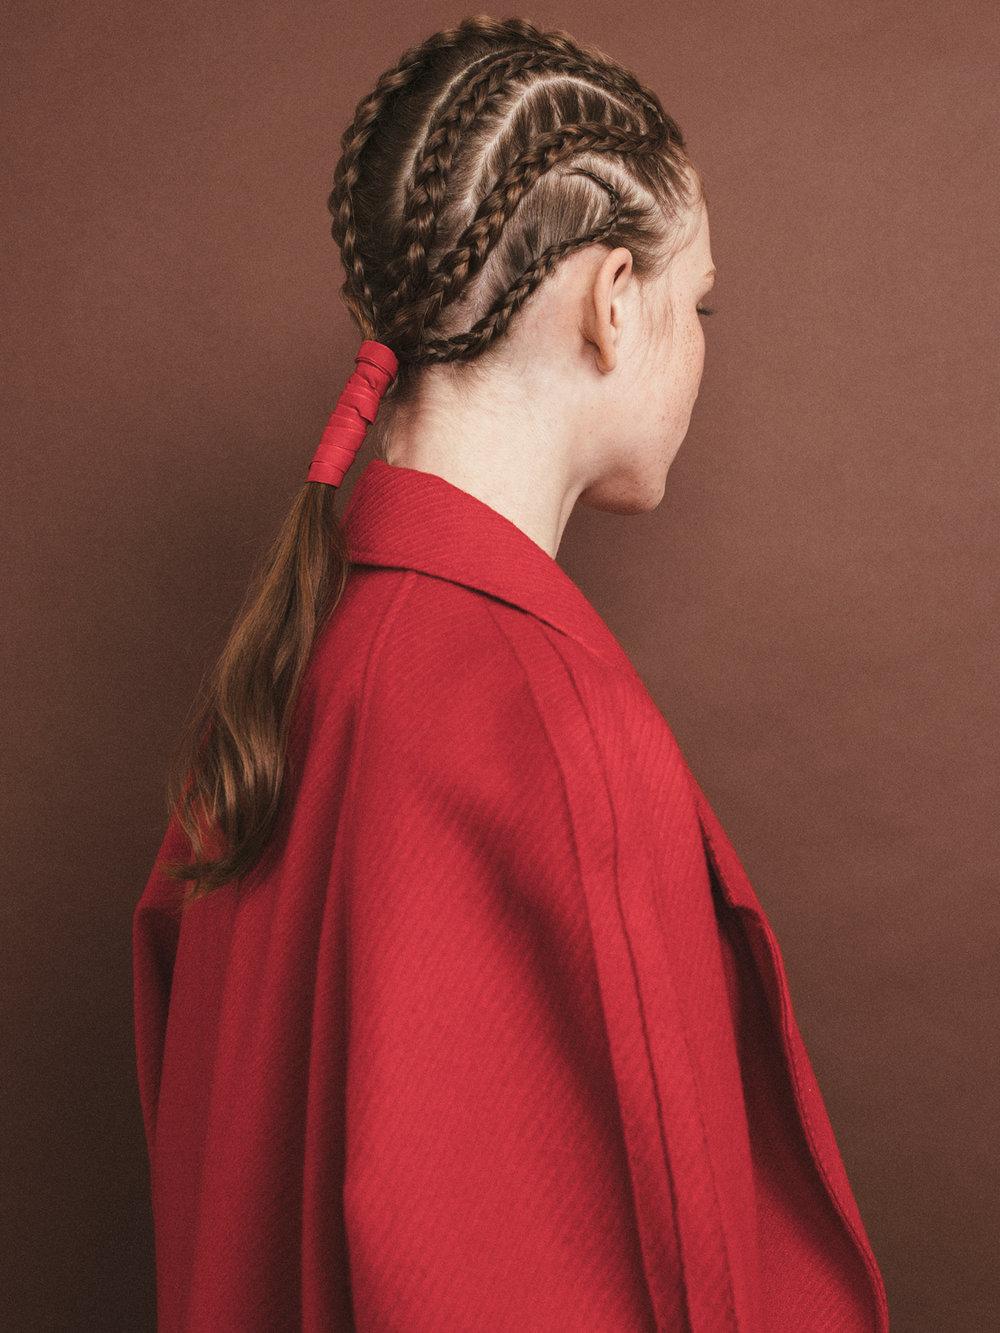 lucysmagazine, ellen, aboutthatlook, emmagrann, fashioneditorial, portfolio